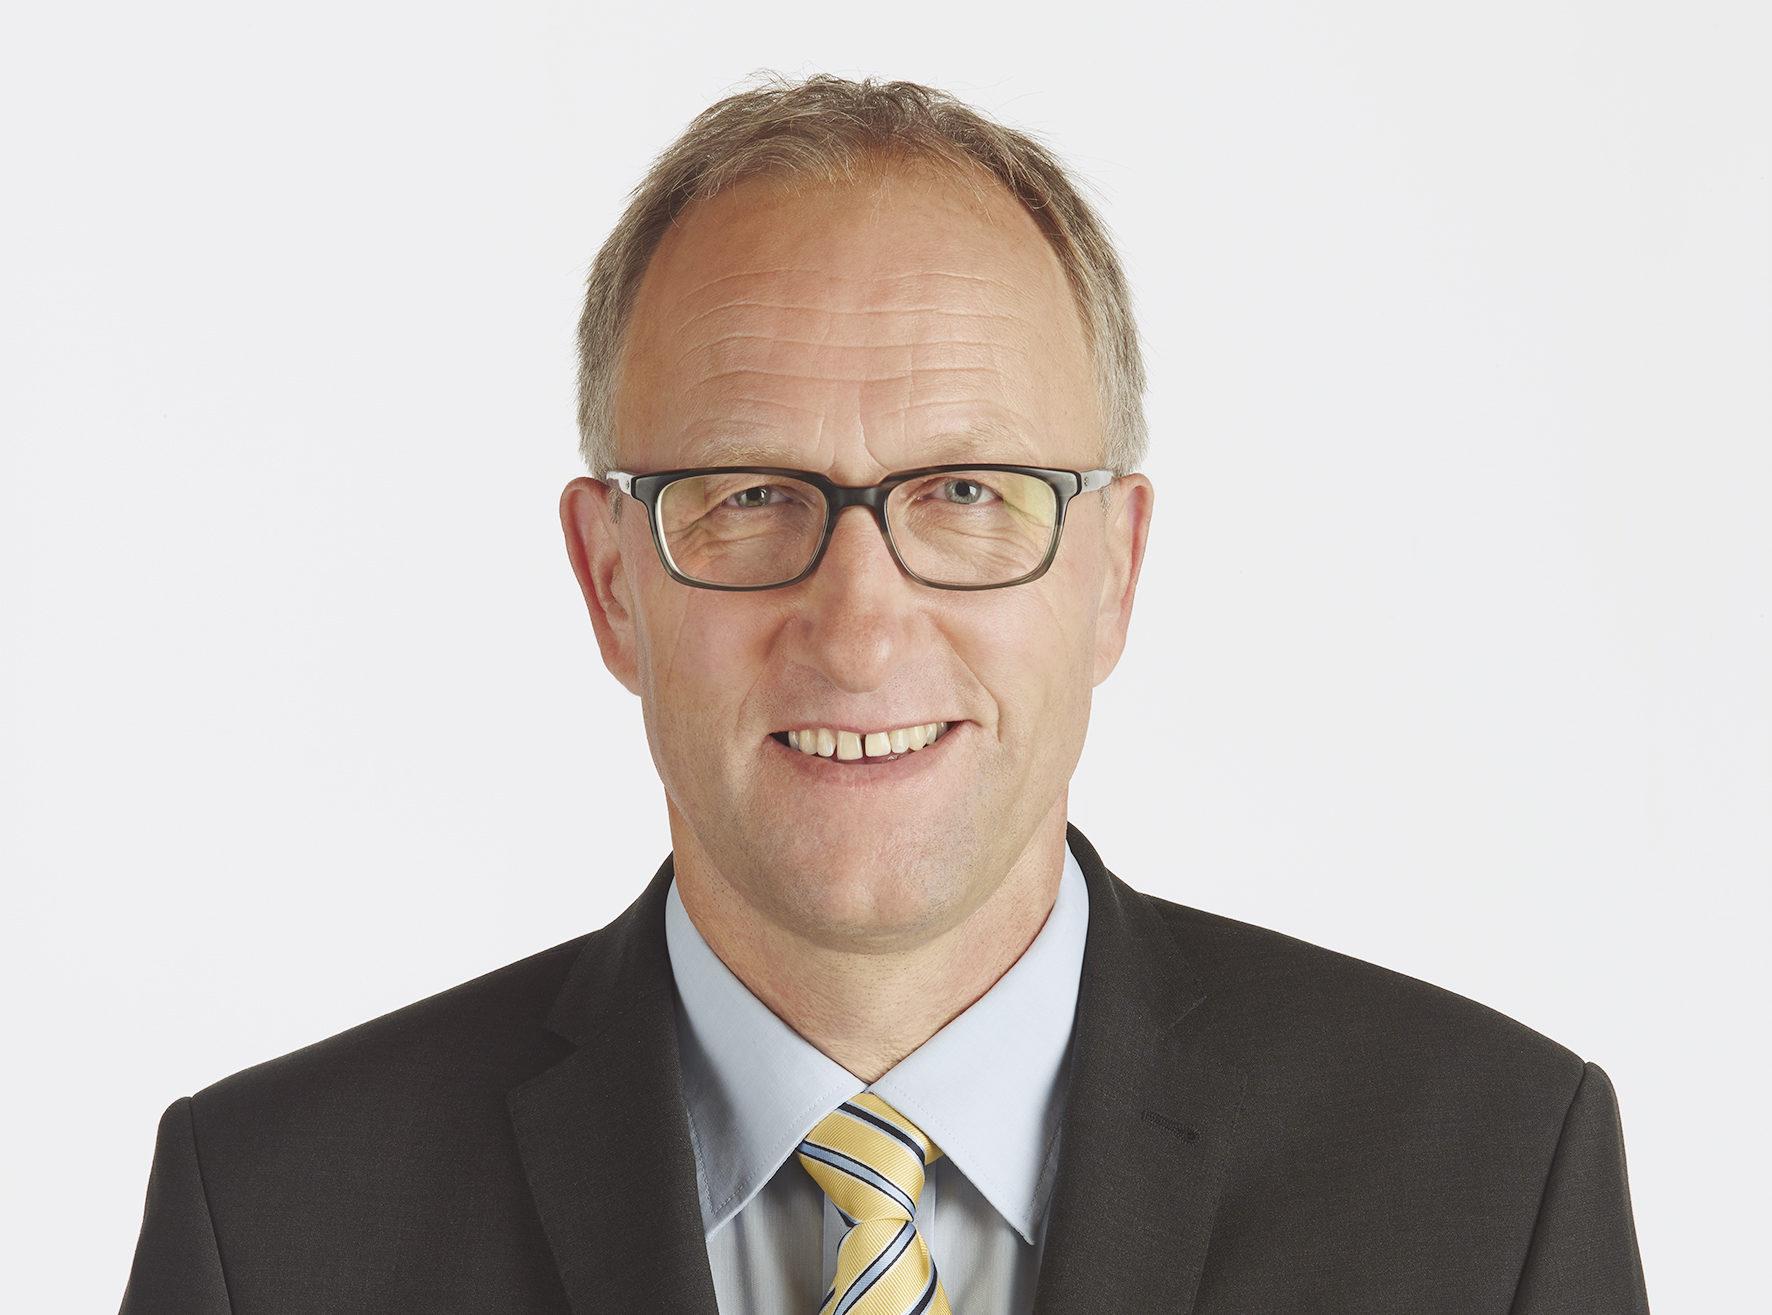 Peter Hegglin klimawahl.ch